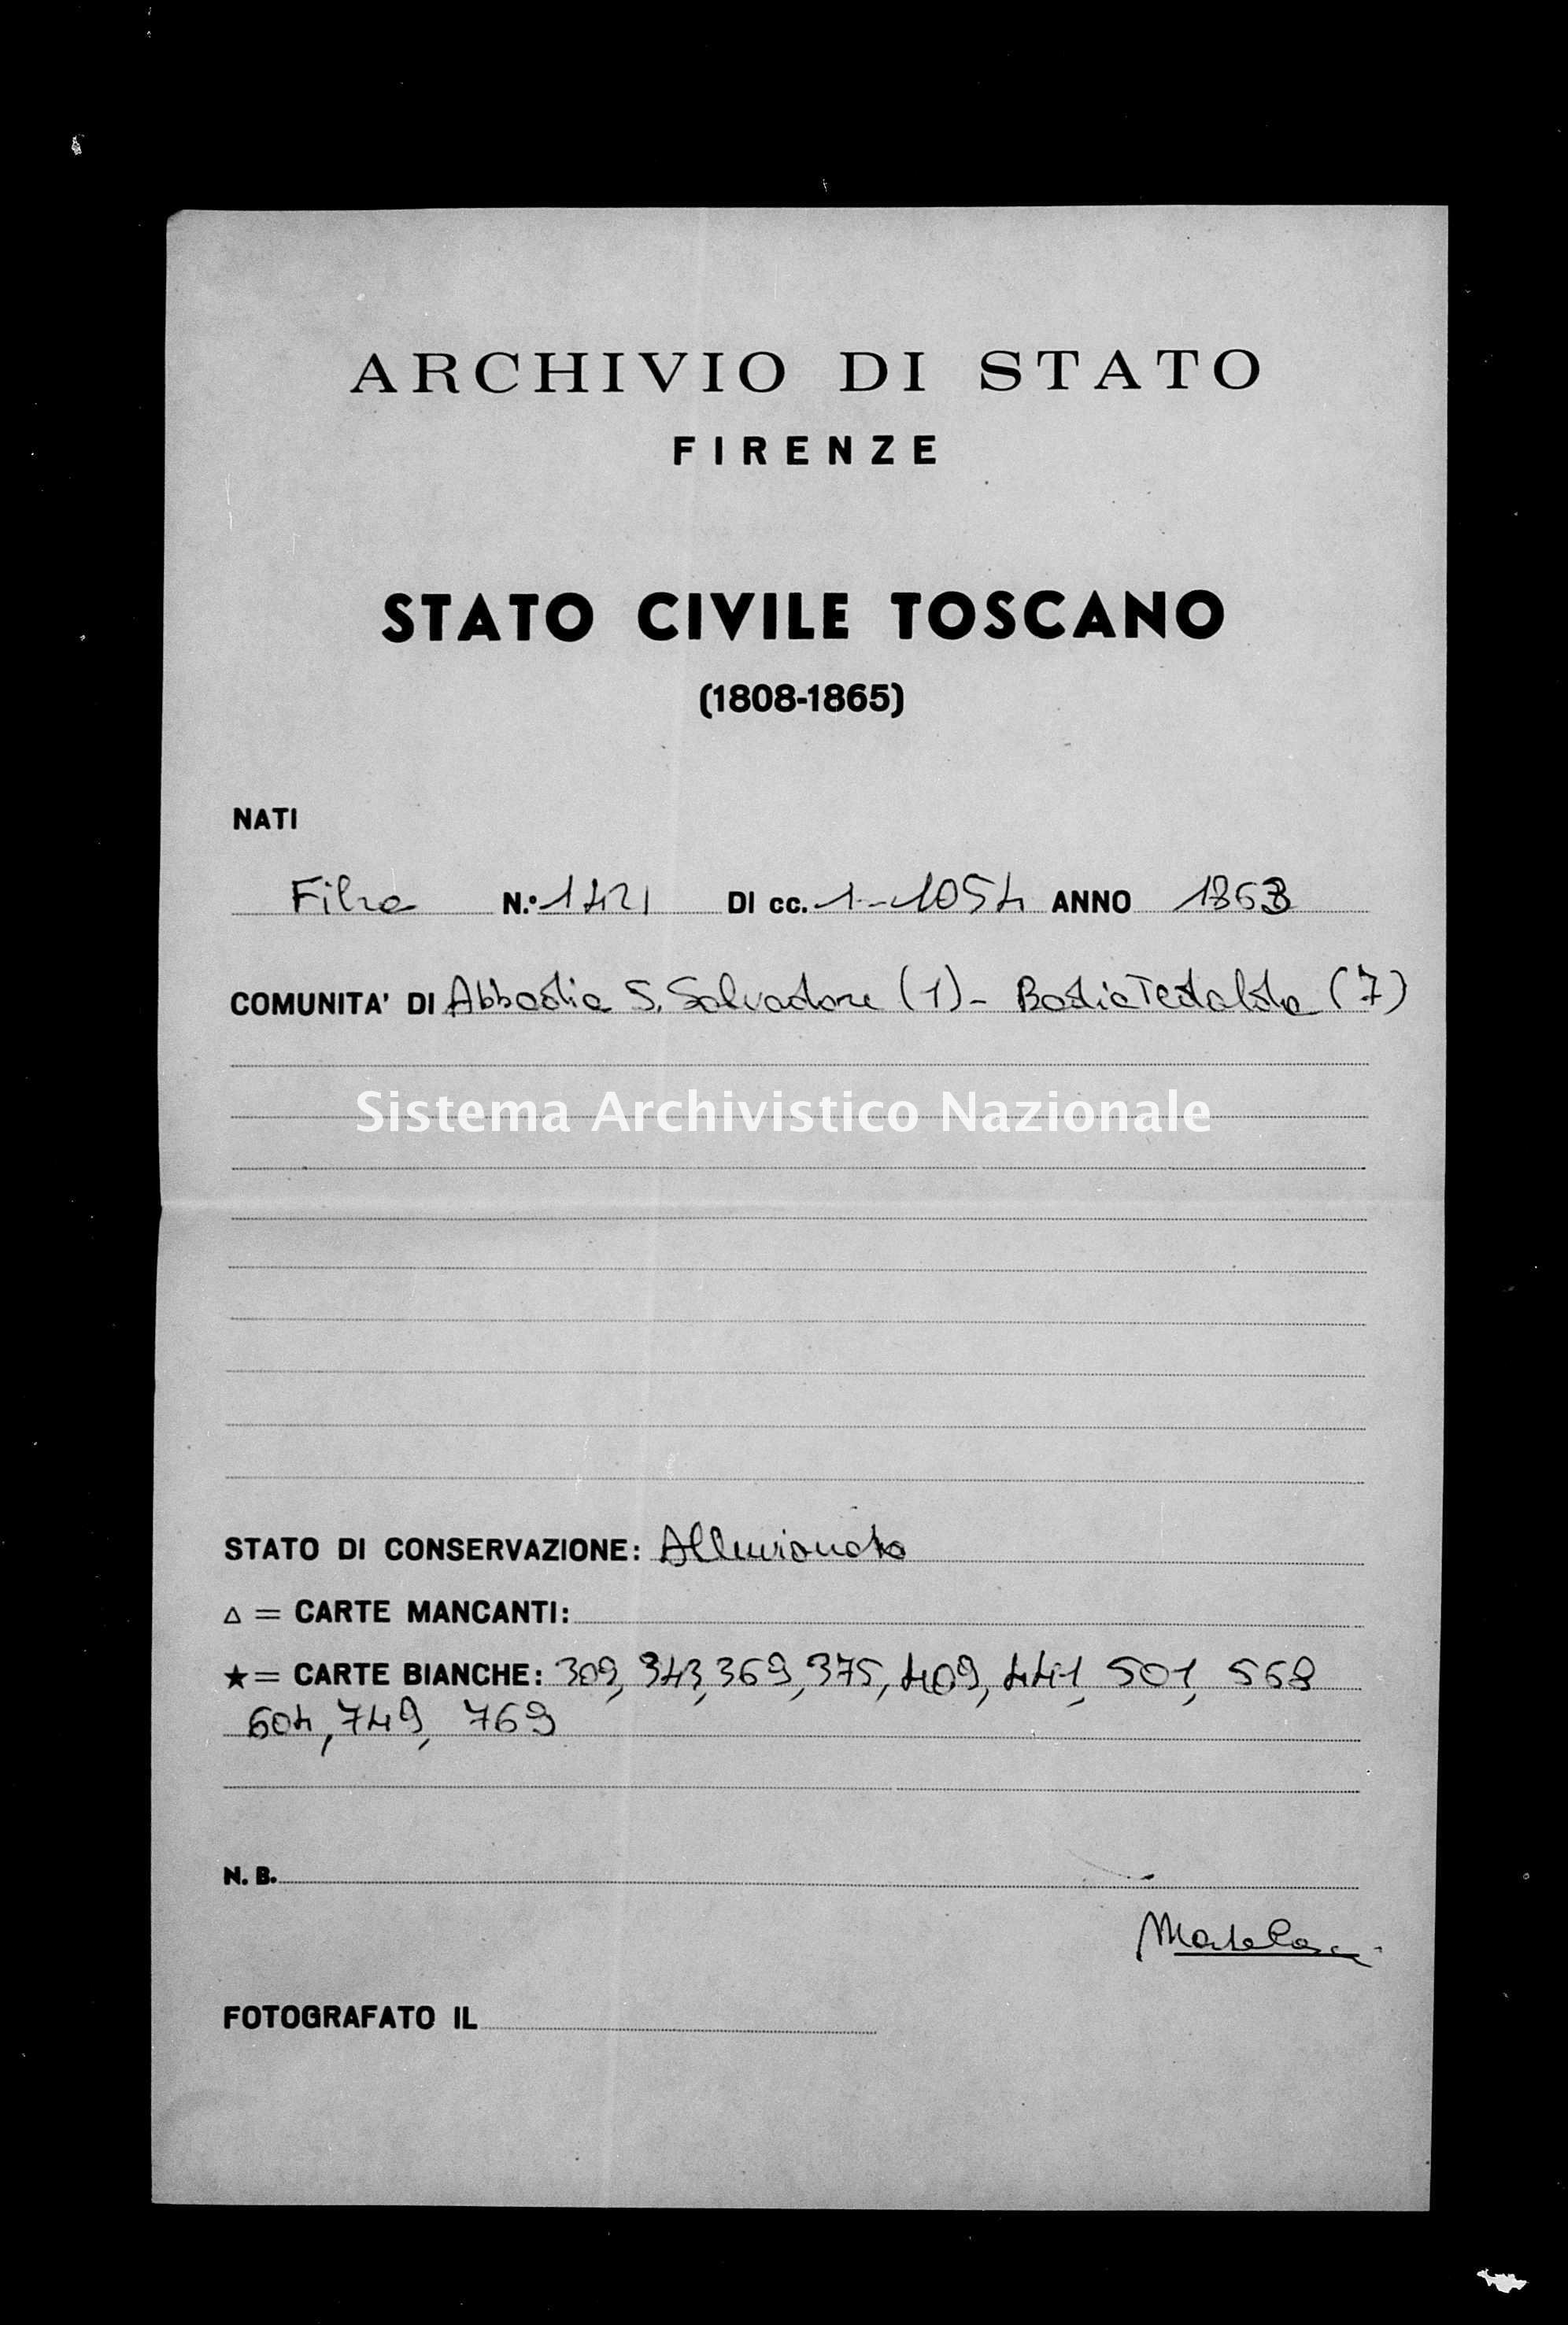 Archivio di stato di Firenze - Stato civile del circondario di Firenze (1866-1965) - Abbadia San Salvatore - Nati - 1863 - 1421 -